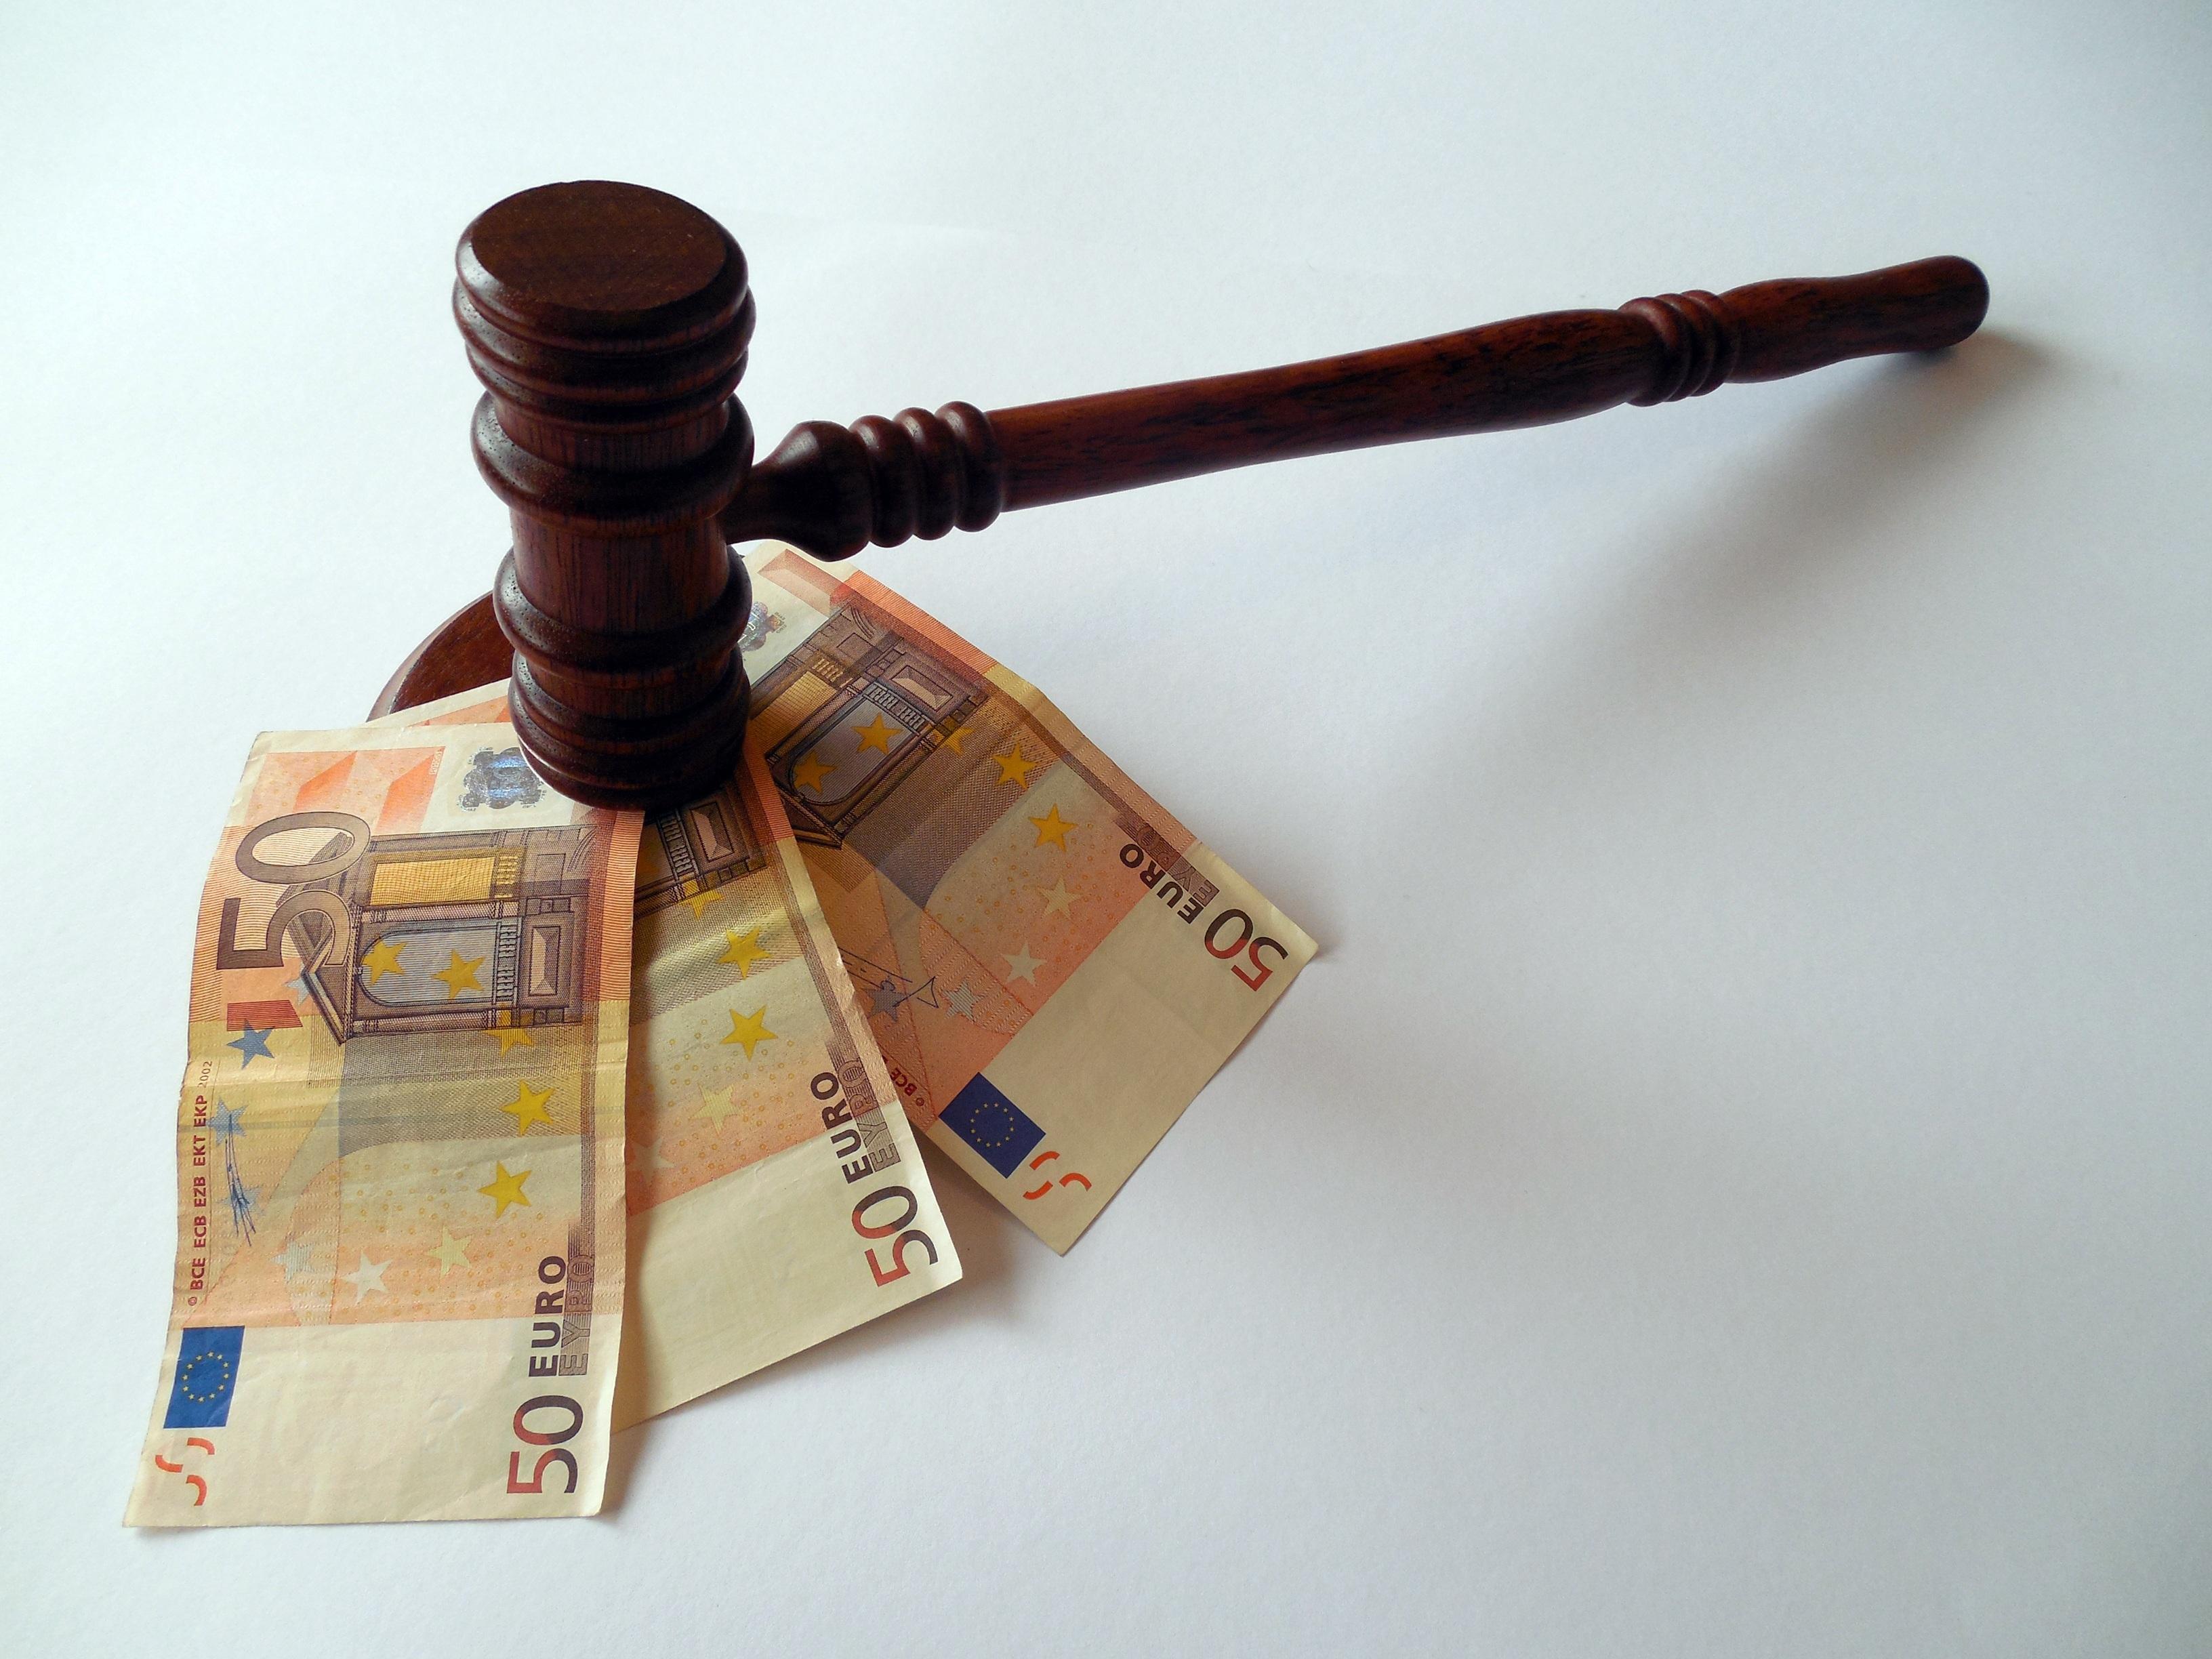 专利被侵权的诉讼案例是怎样的